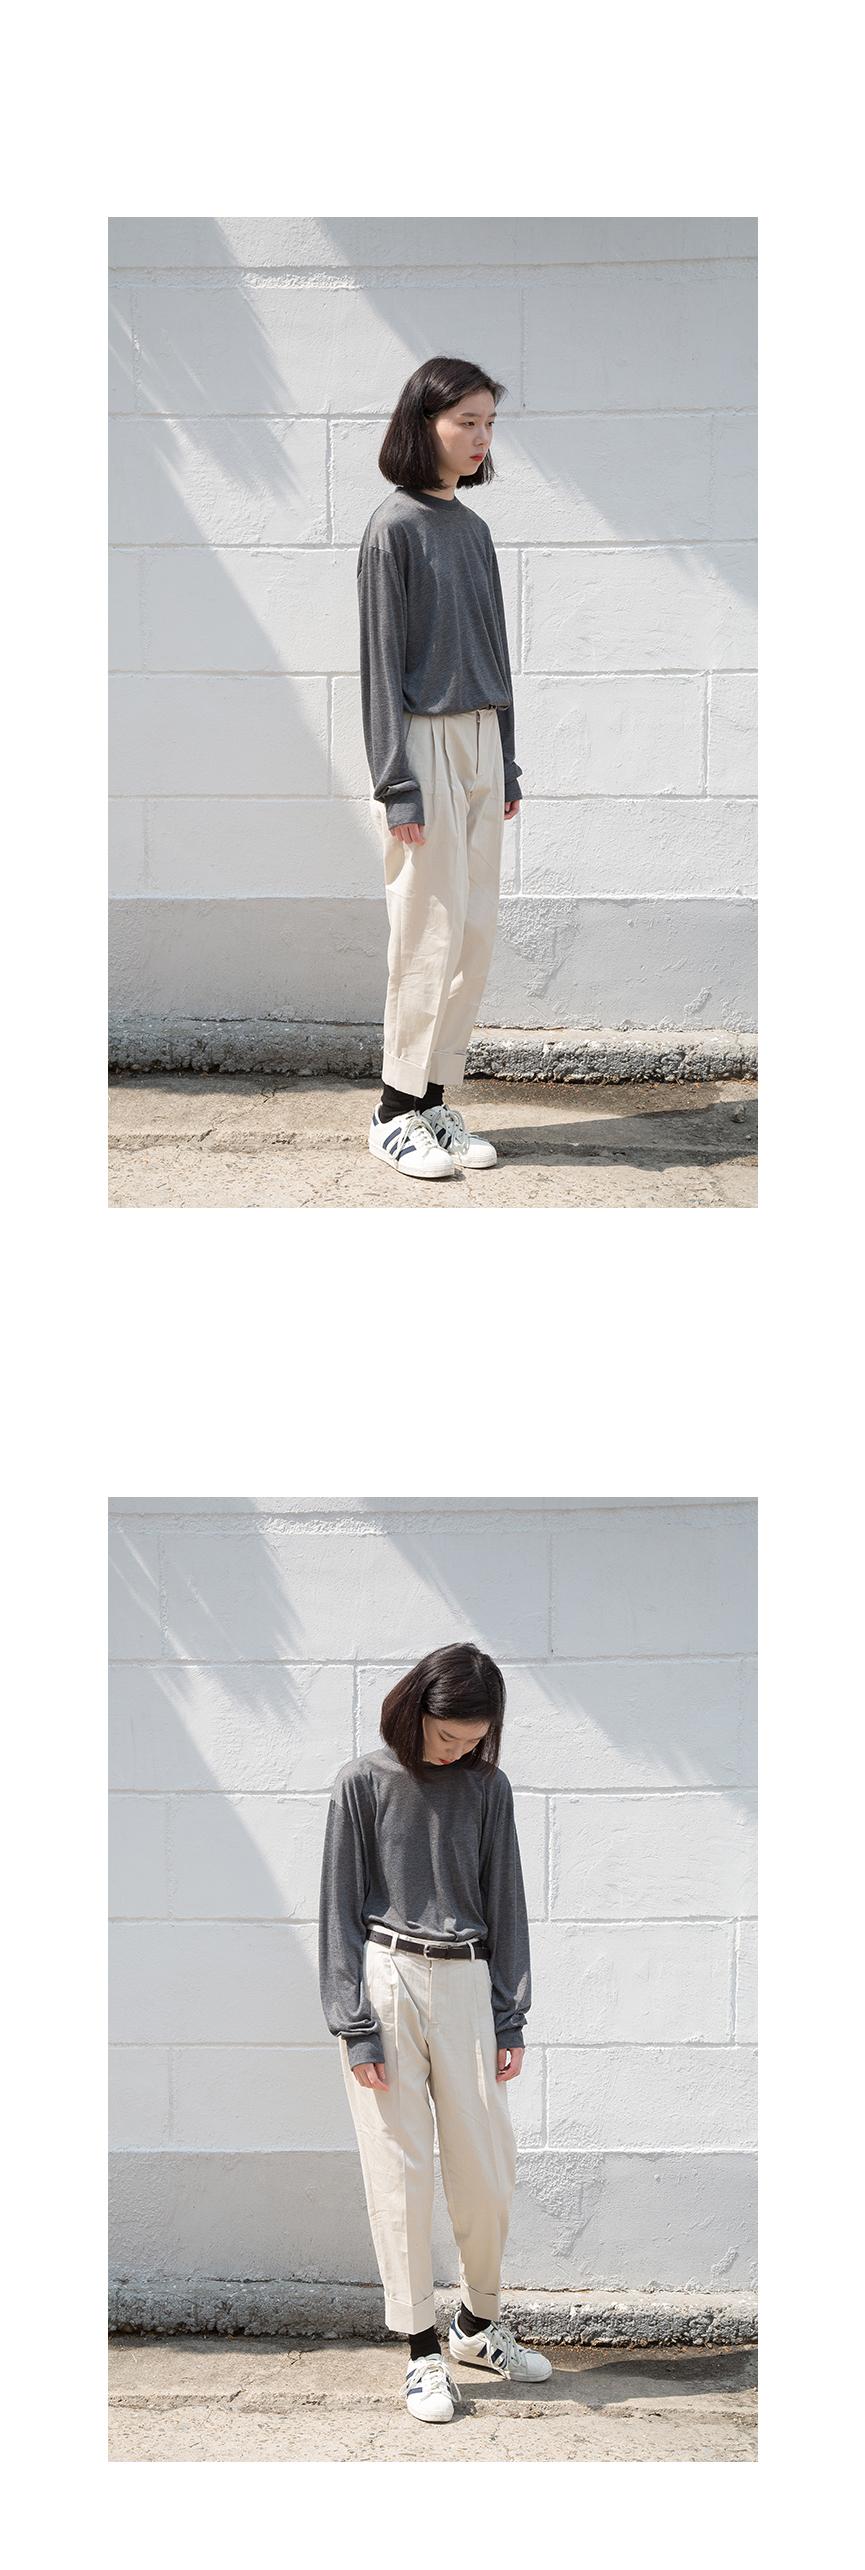 러블리한 소년 소녀들의 하이파이펑크